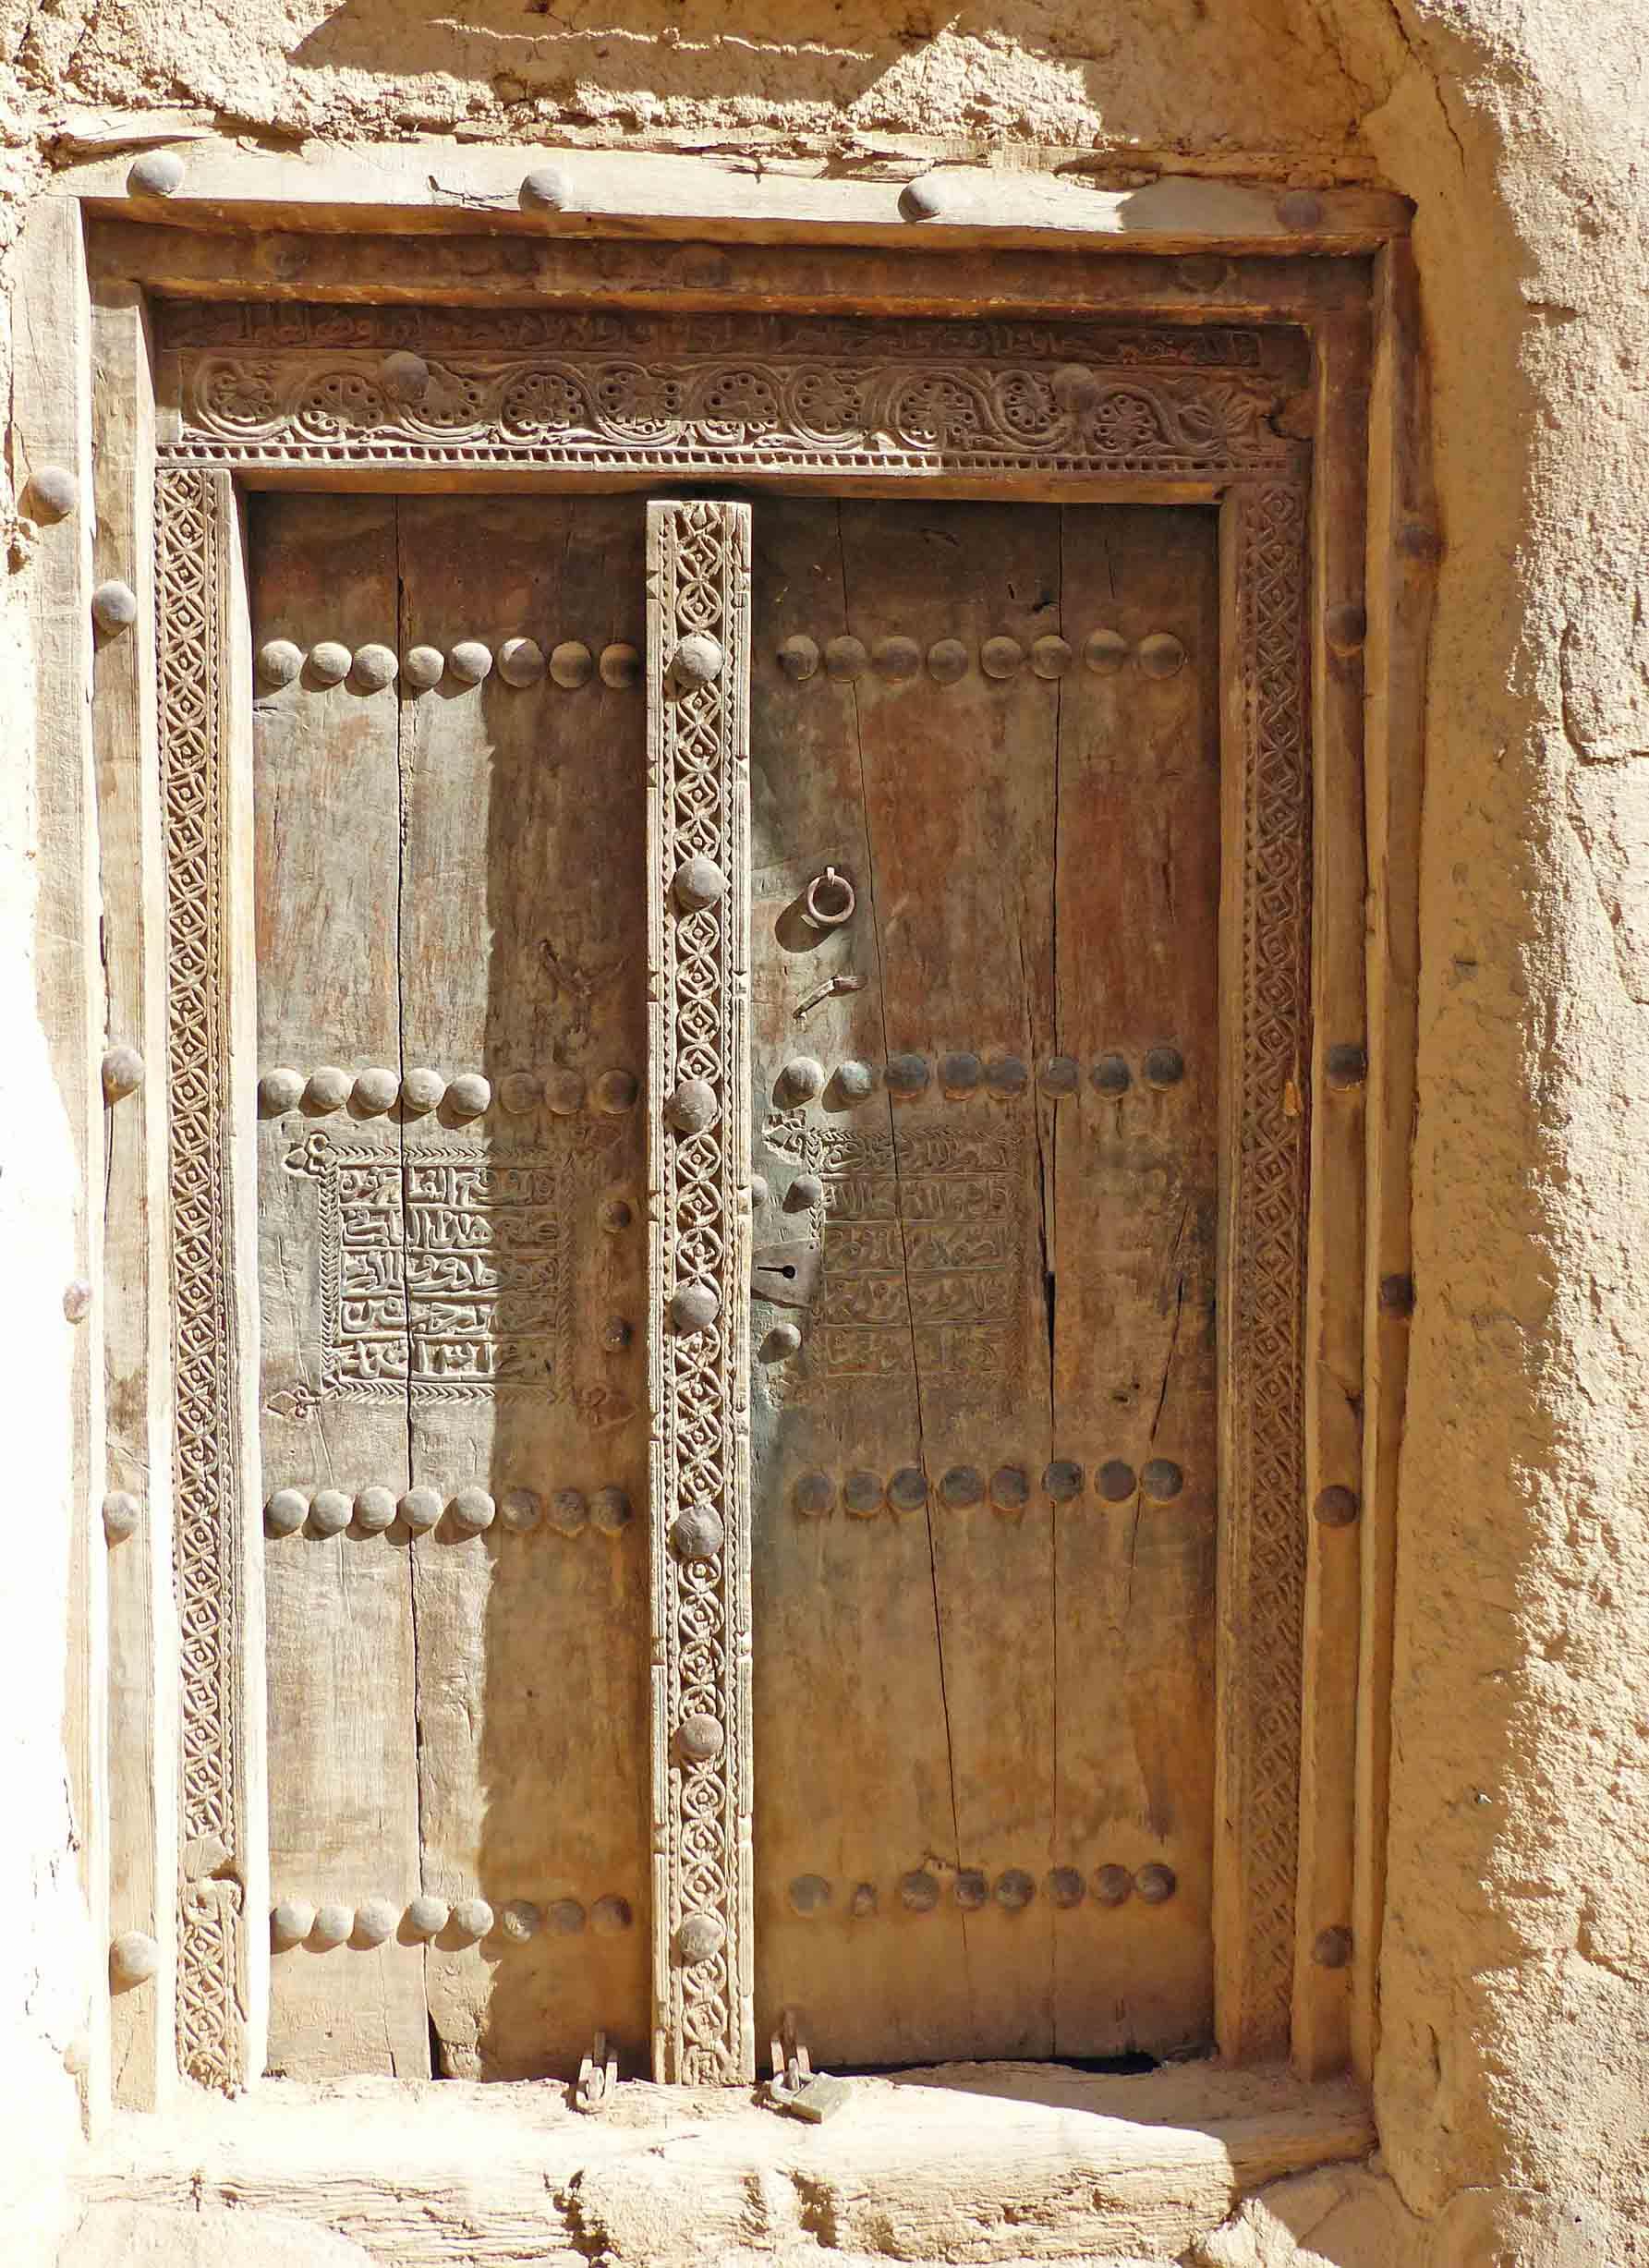 Carved wooden door and door frame